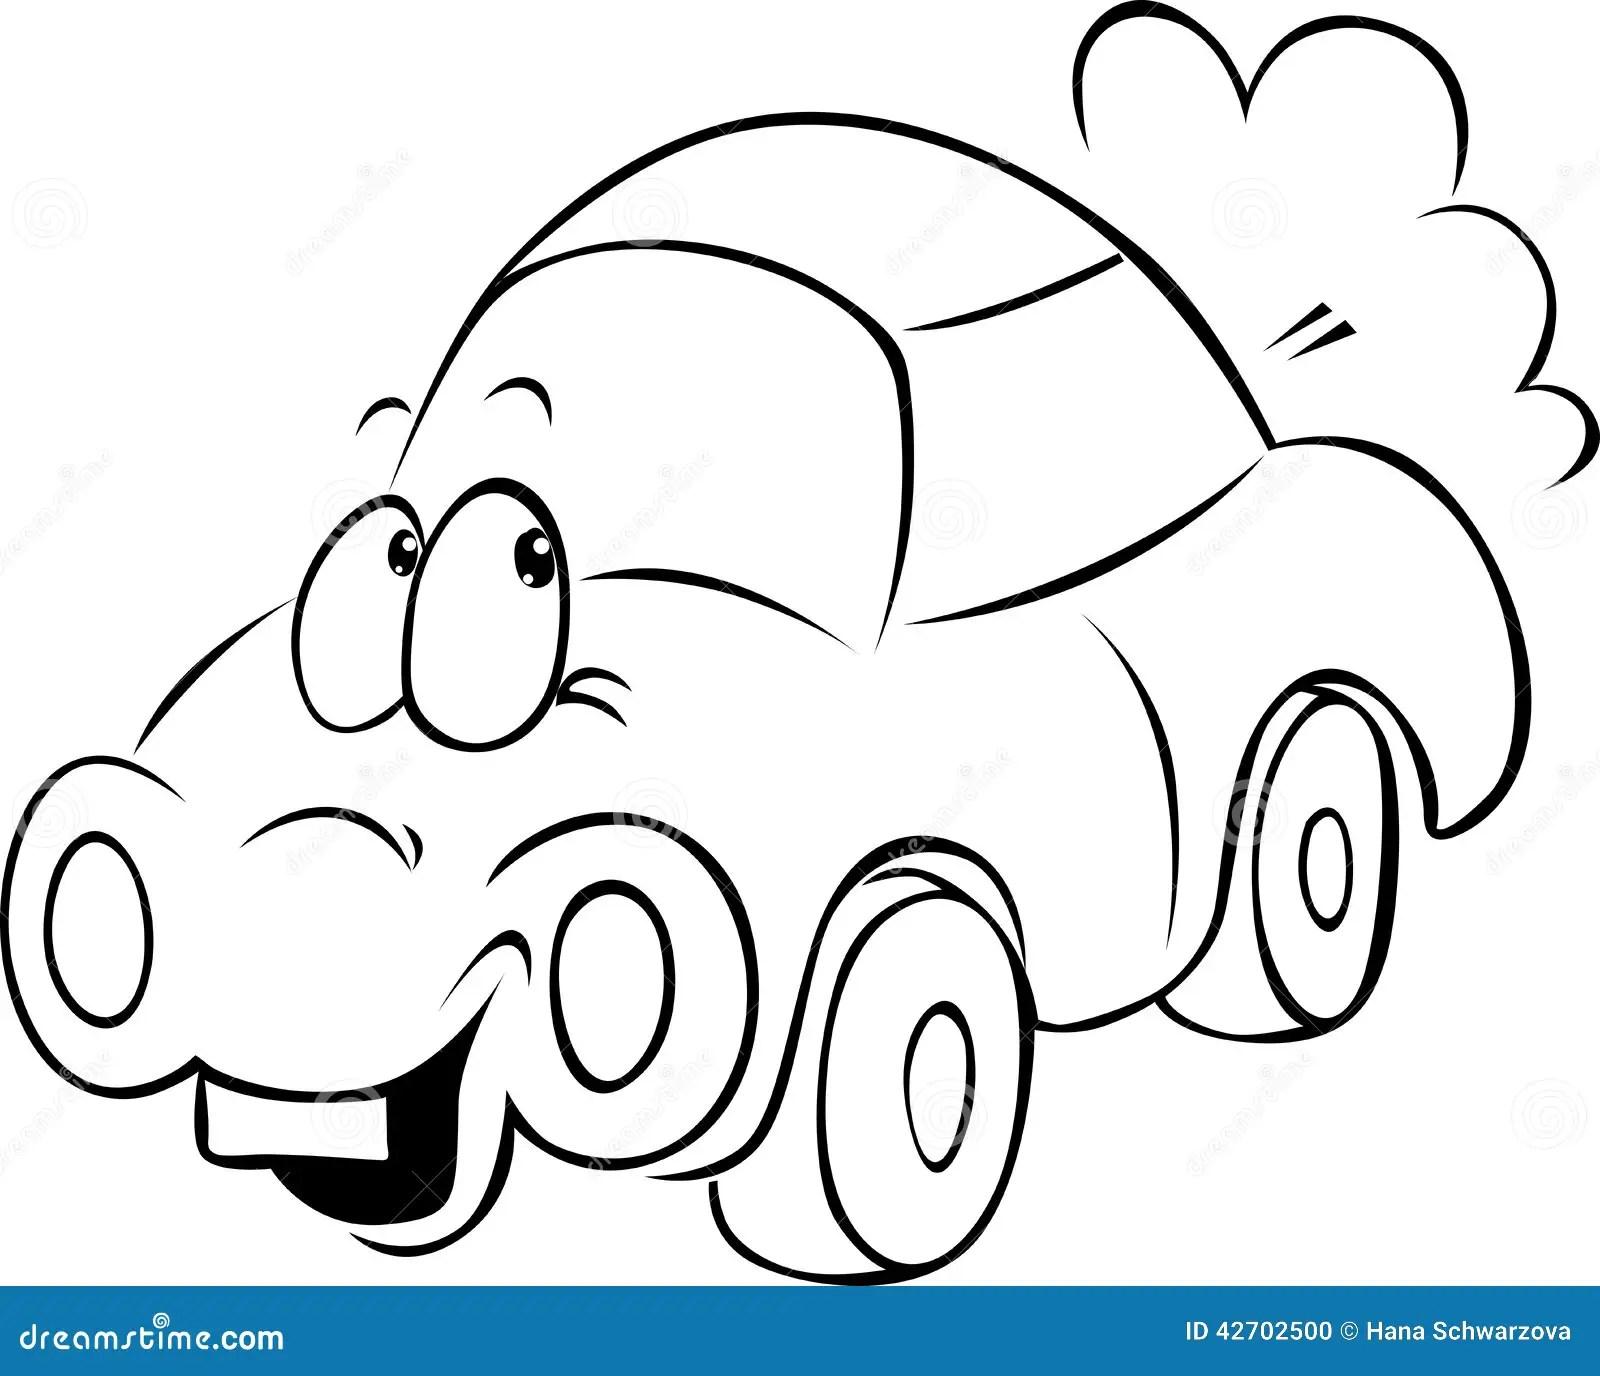 funny car drawings